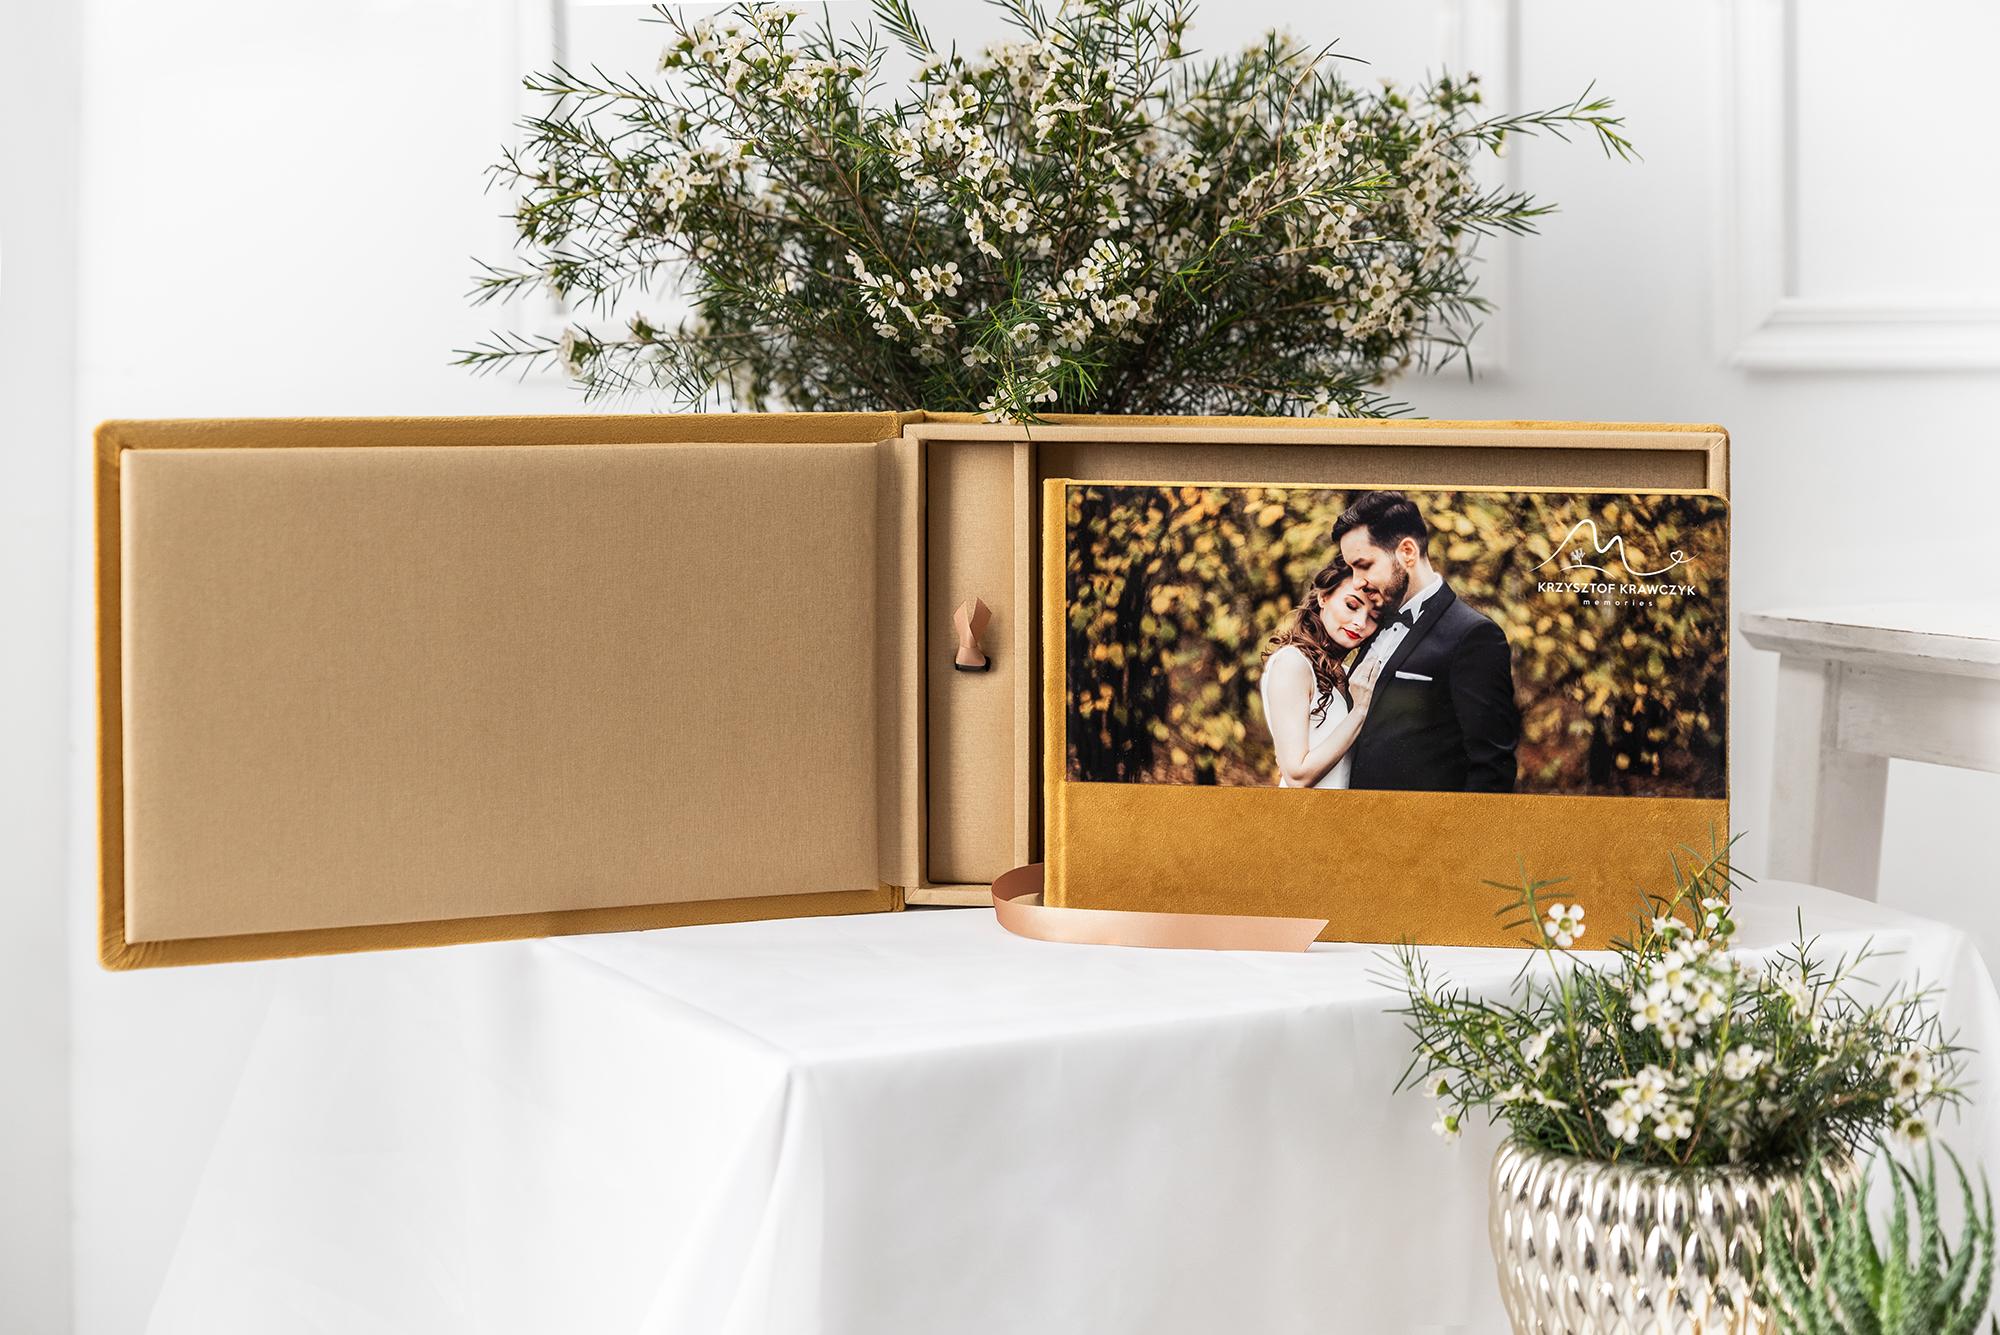 acrylic wedding album with USB